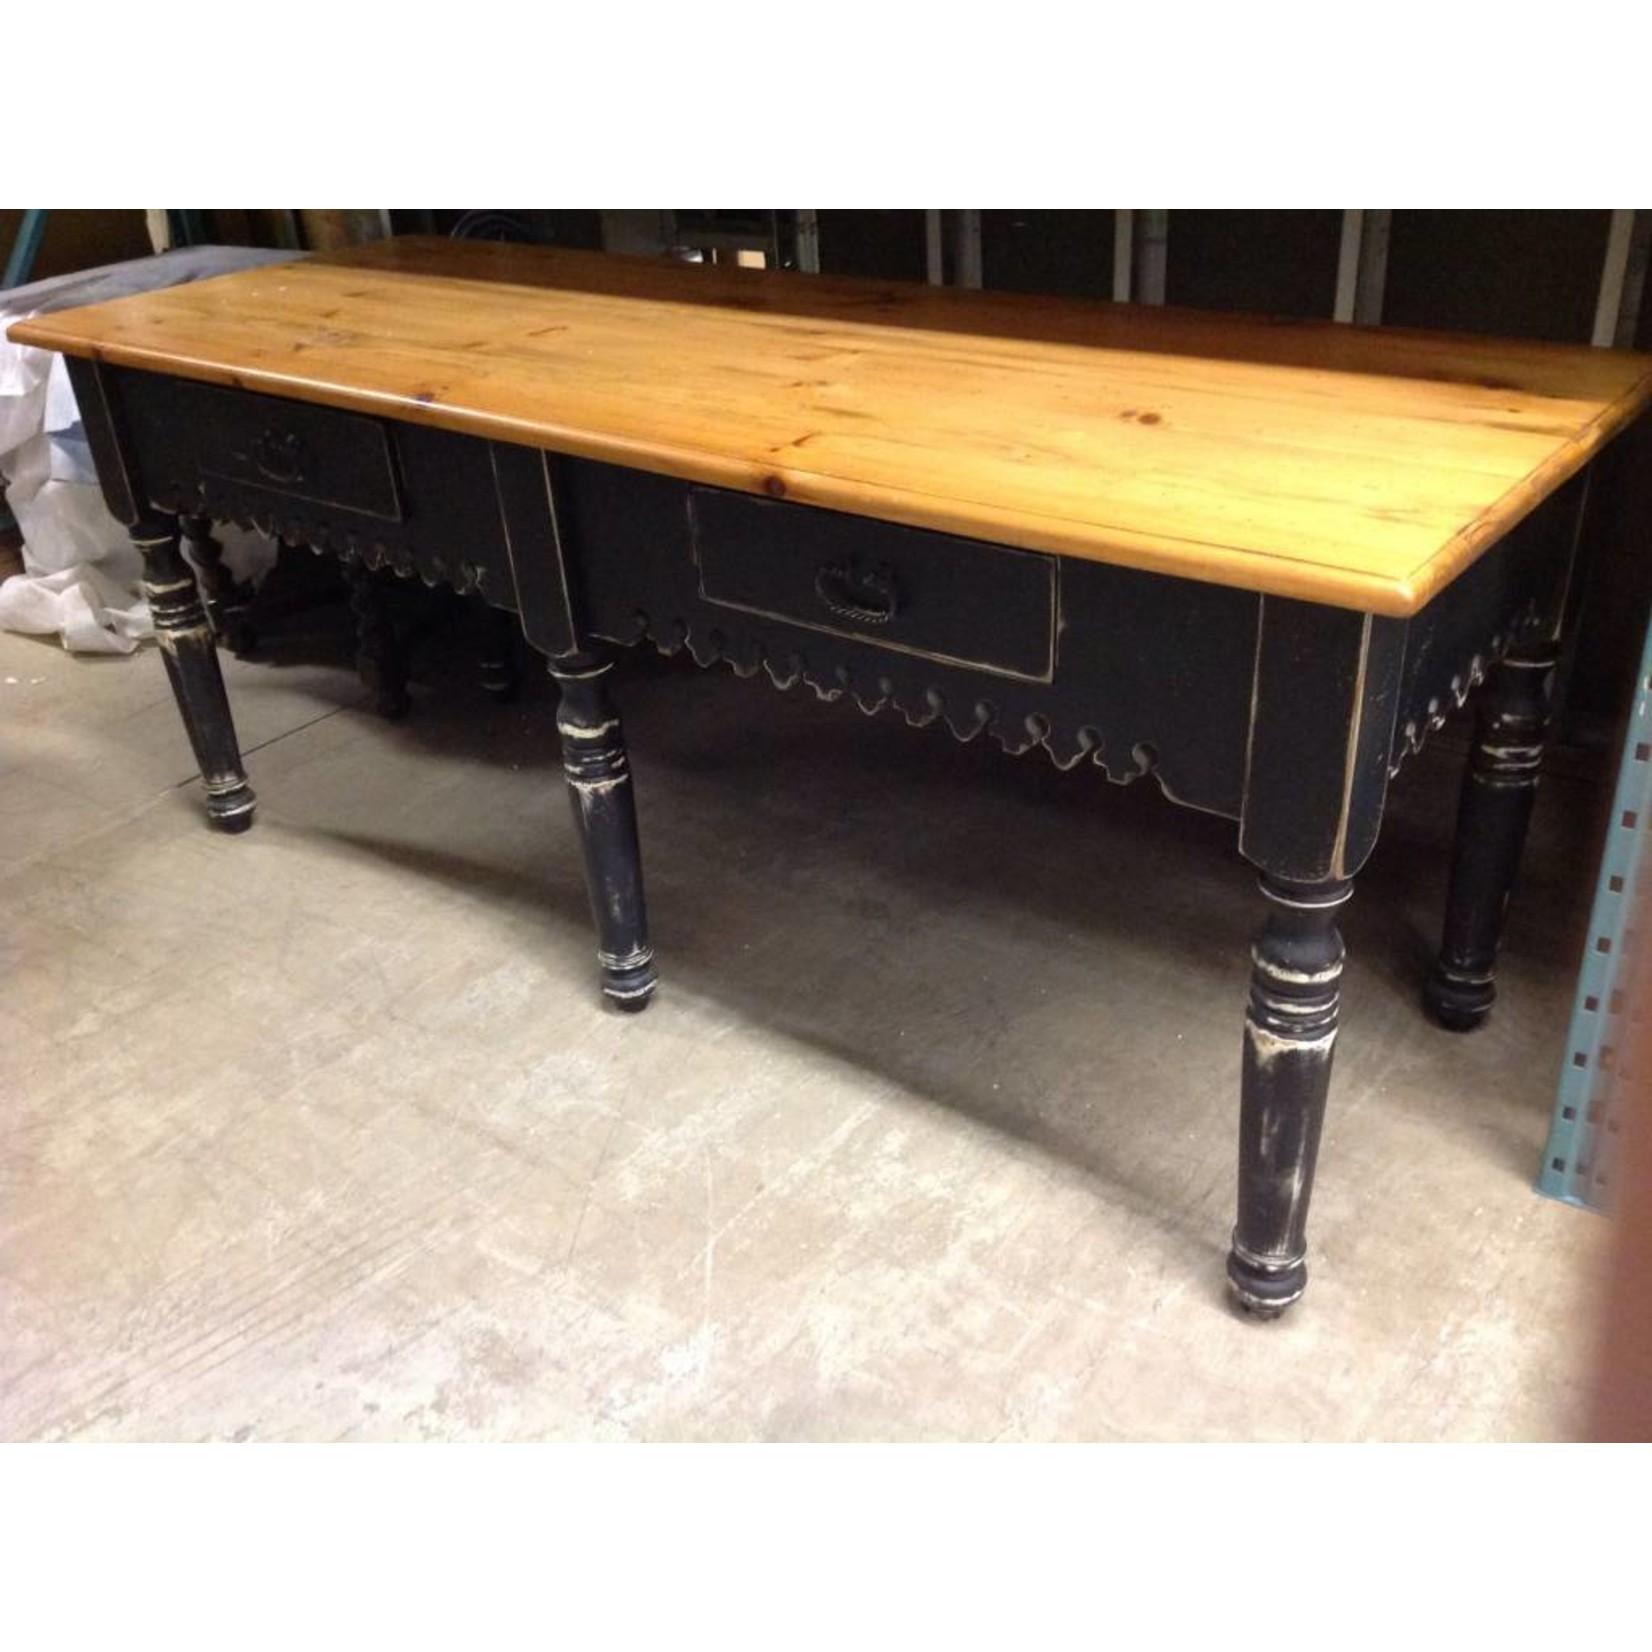 Large Sideboard - Black & Pine